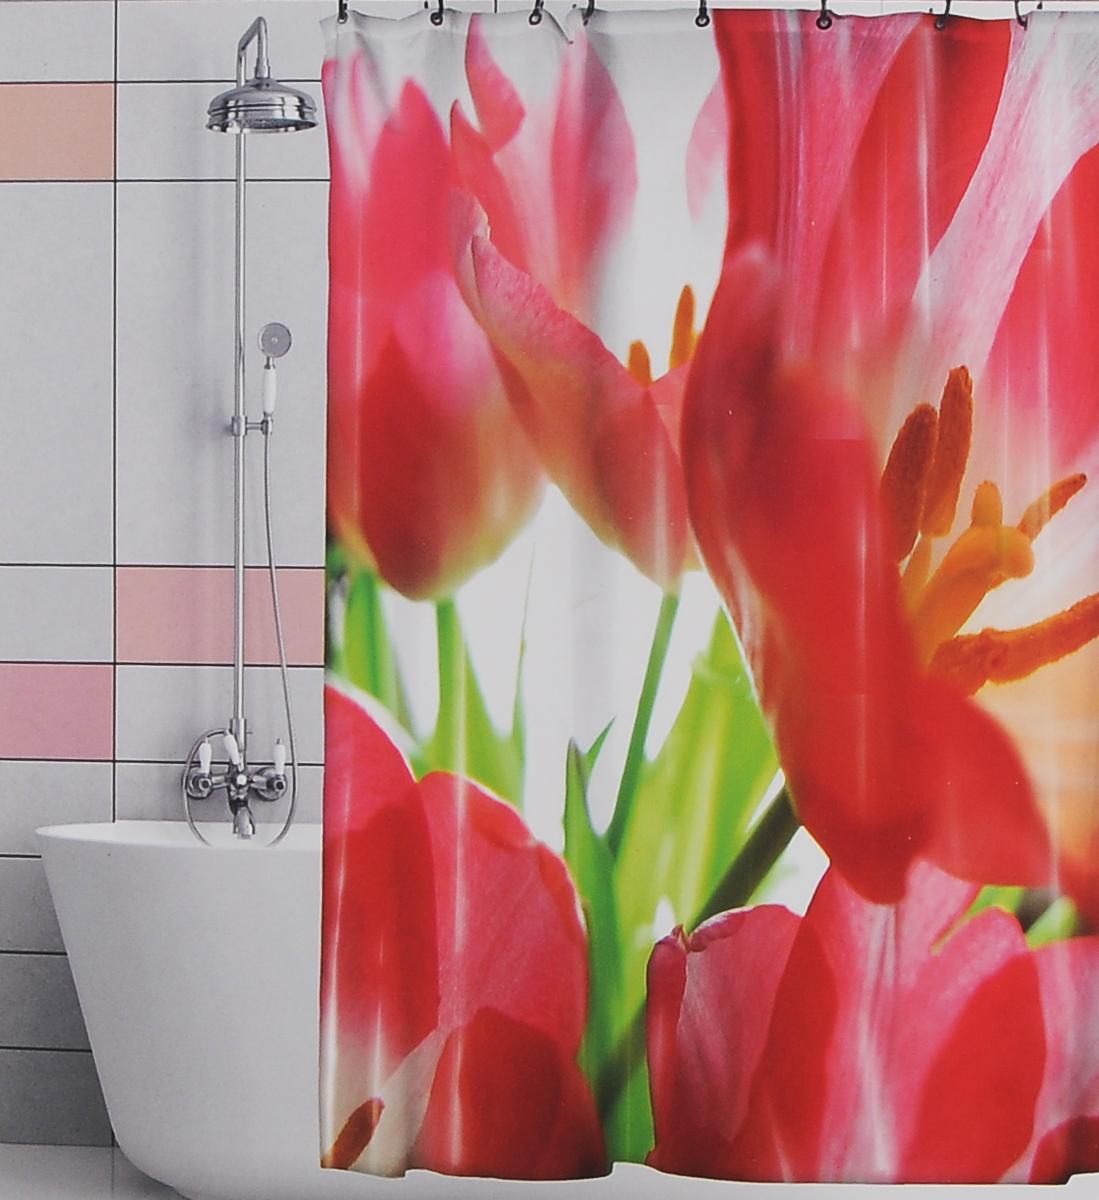 Штора для ванной Valiant Красные тюльпаны, цвет: белый, красный, 180 см х 180 см штора для ванной valiant морские ракушки цвет белый коричневый 180 см х 180 см